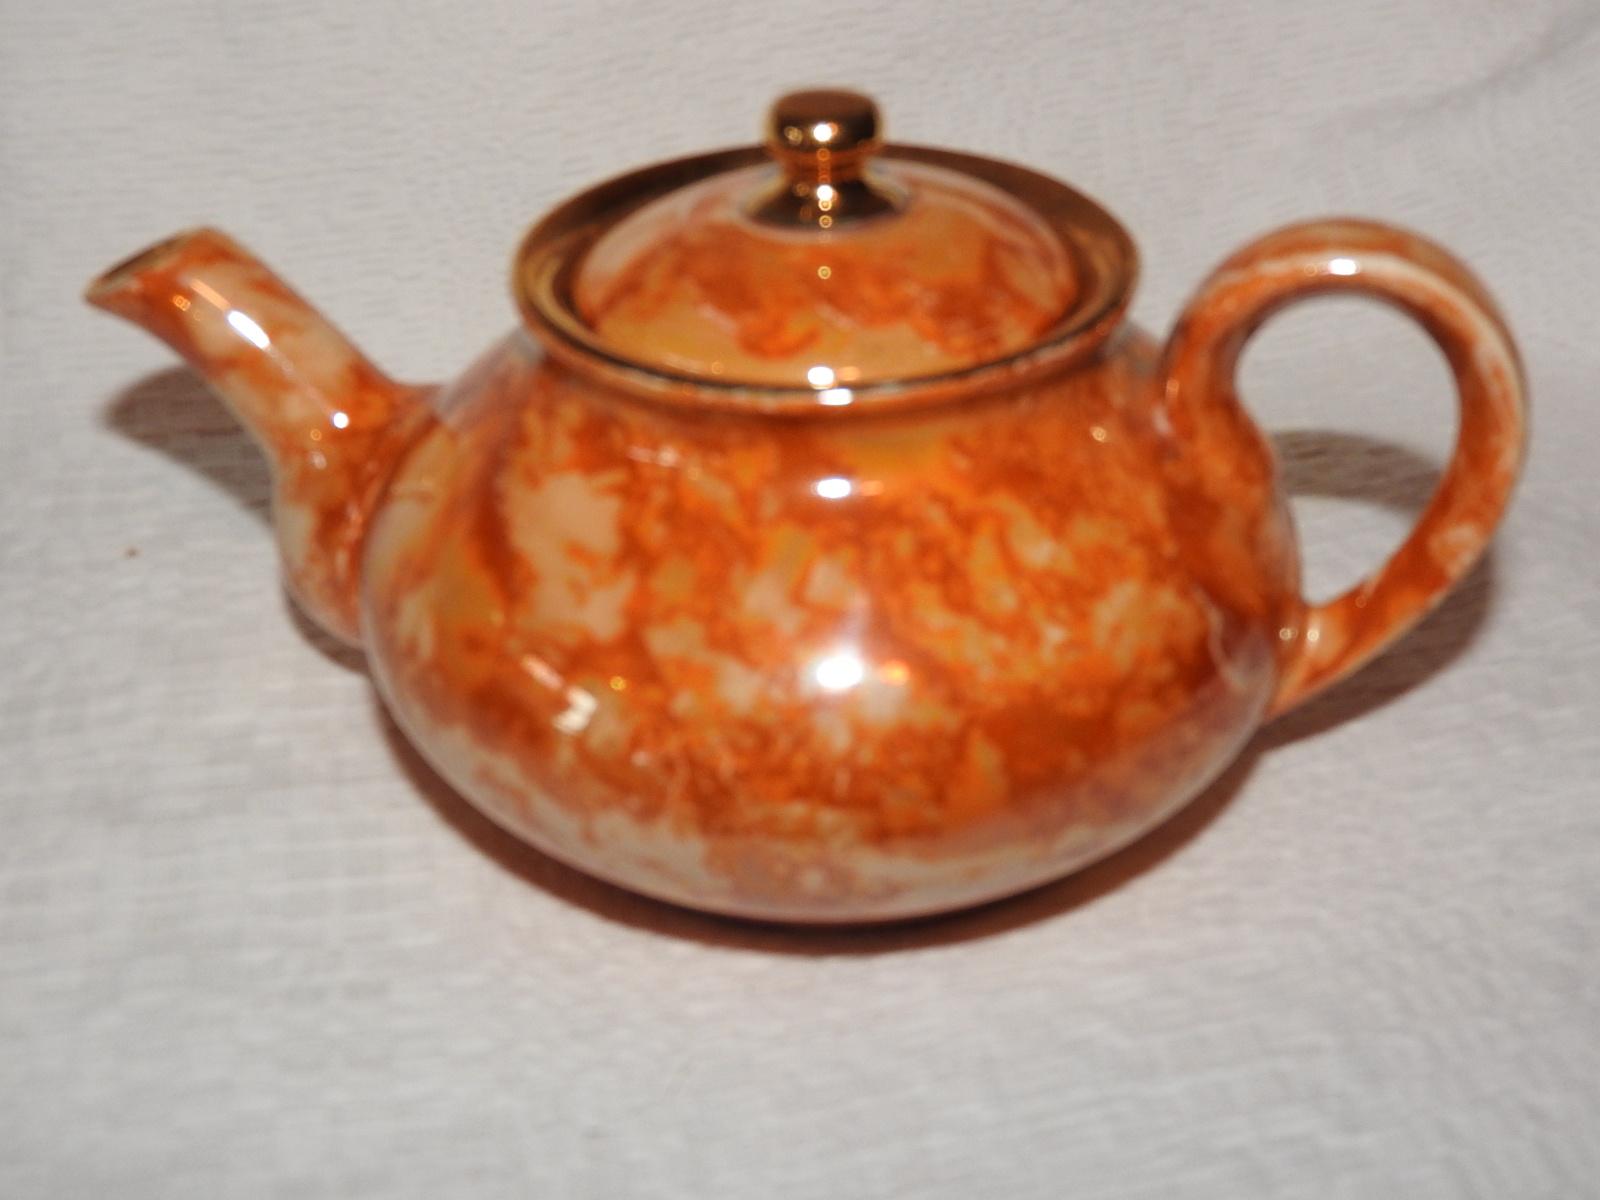 Arabia Teekannu